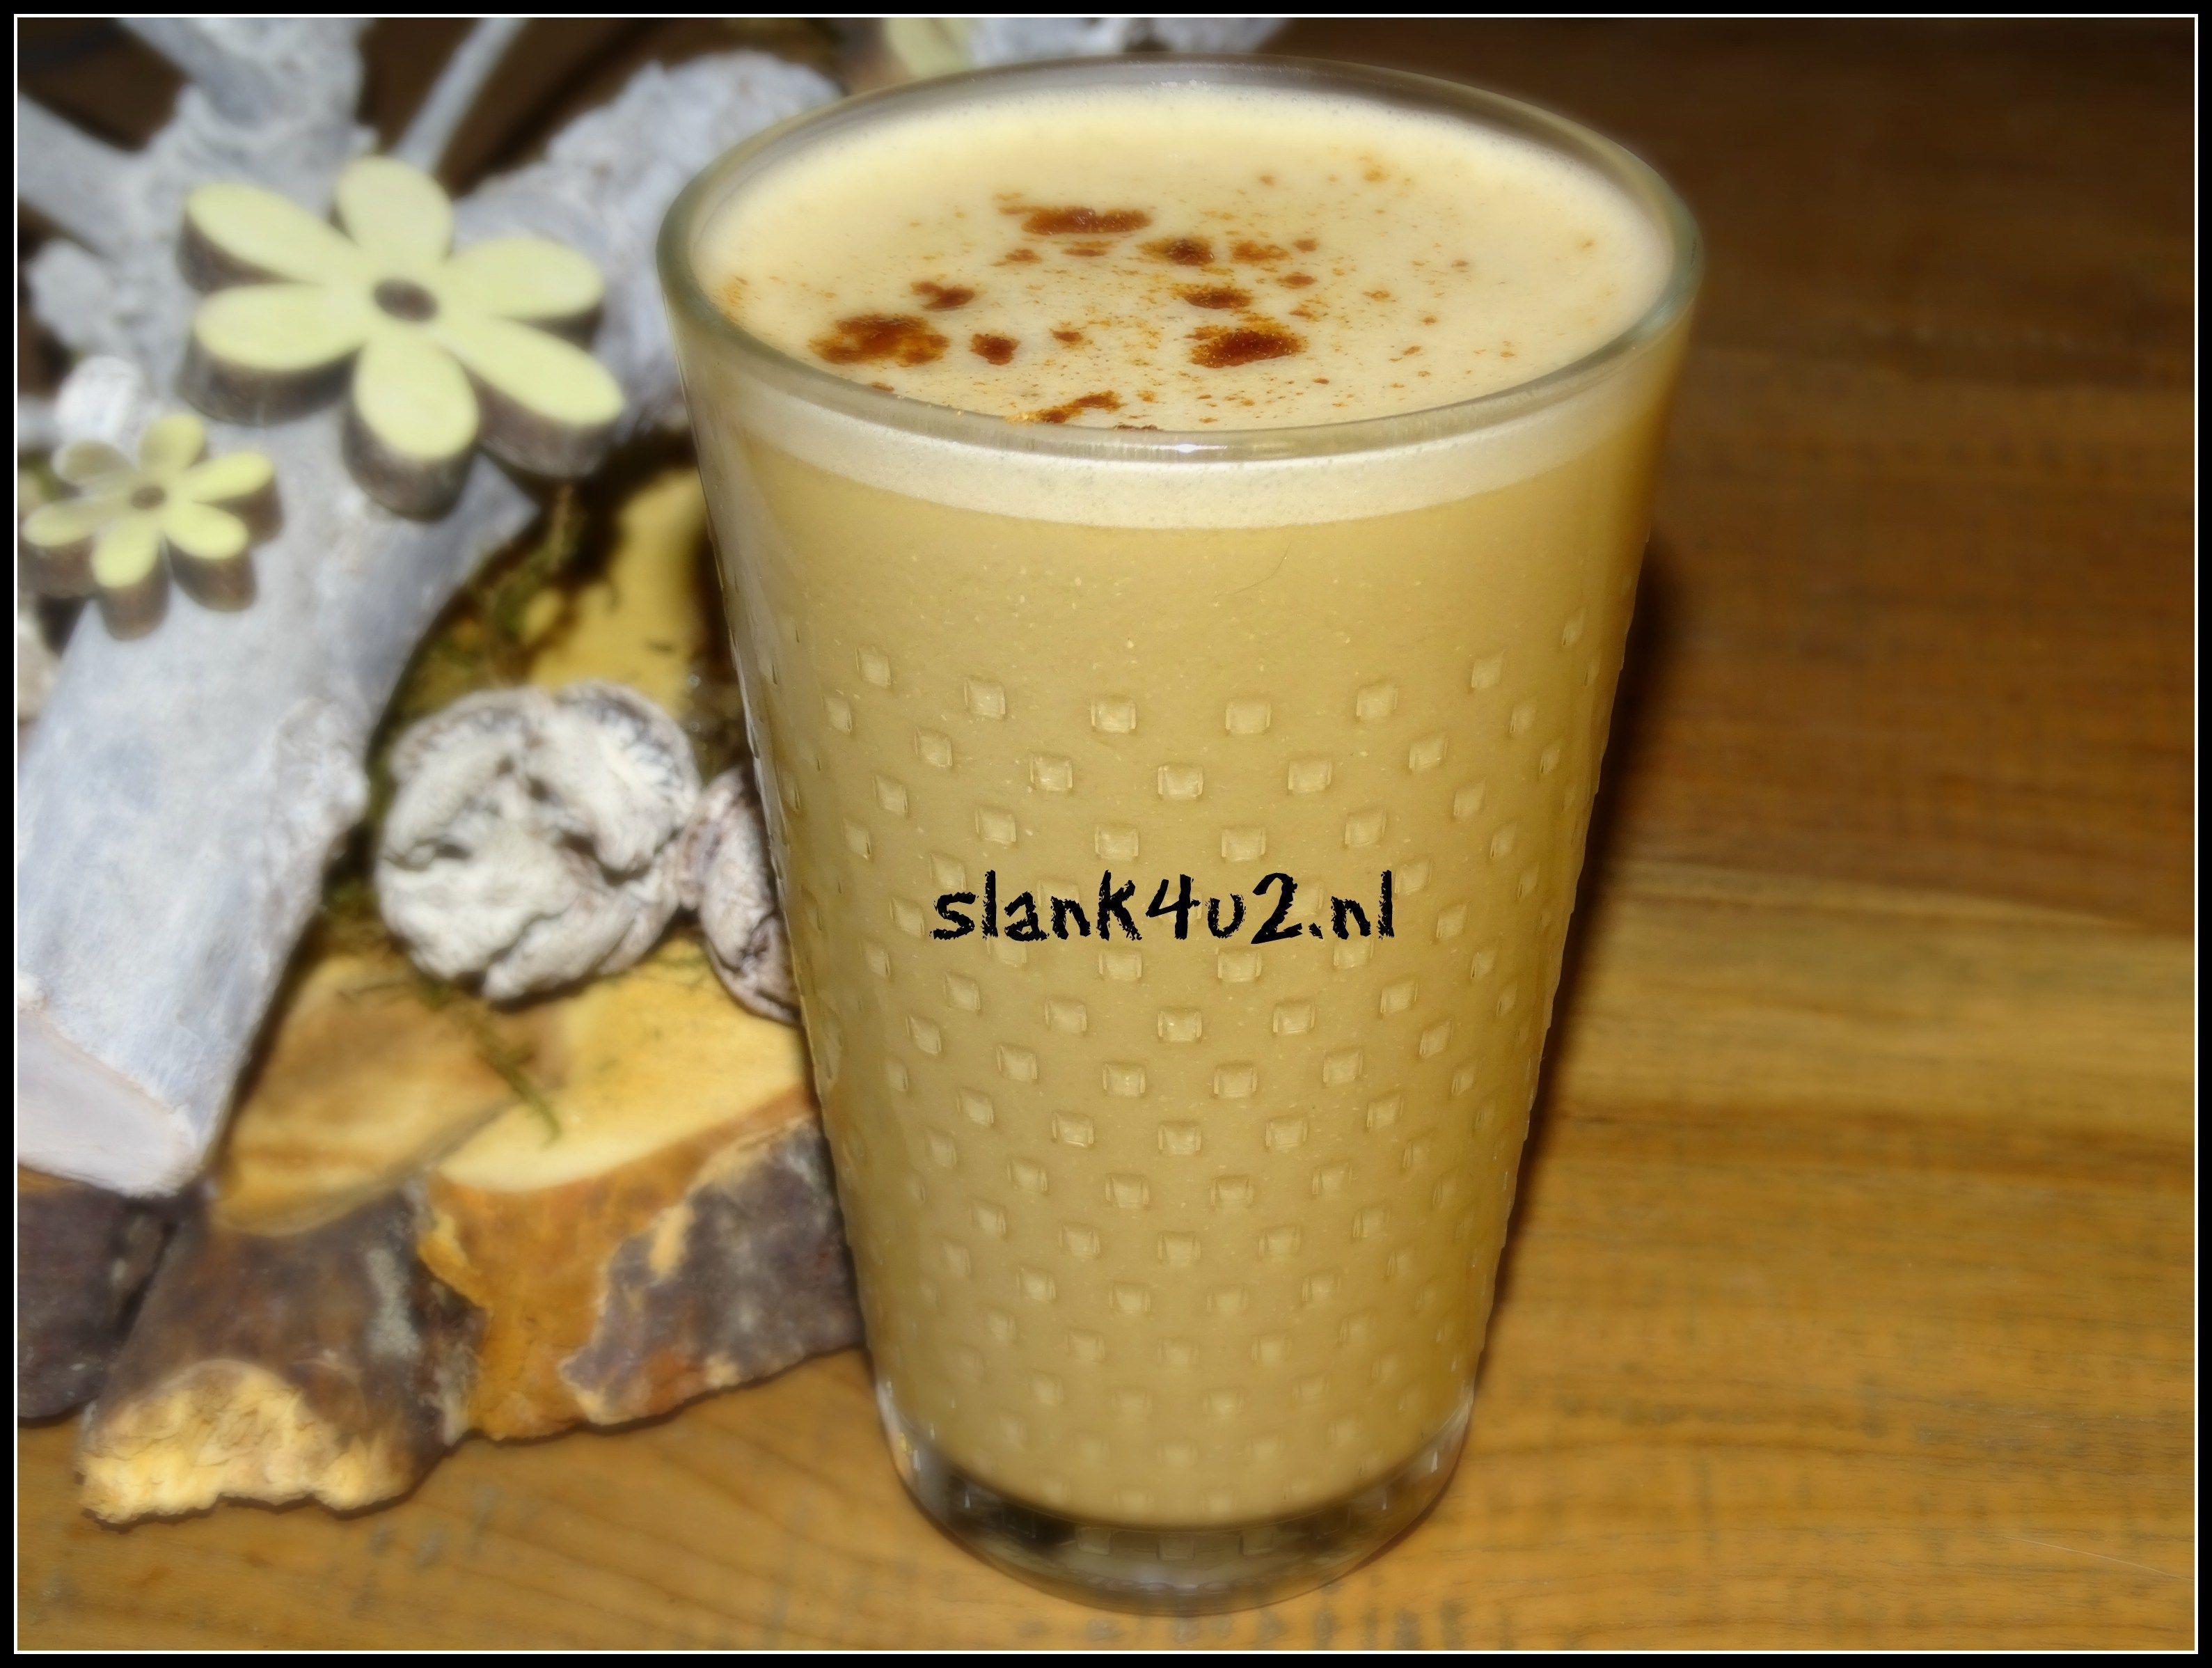 koffie glutenvrij dieet